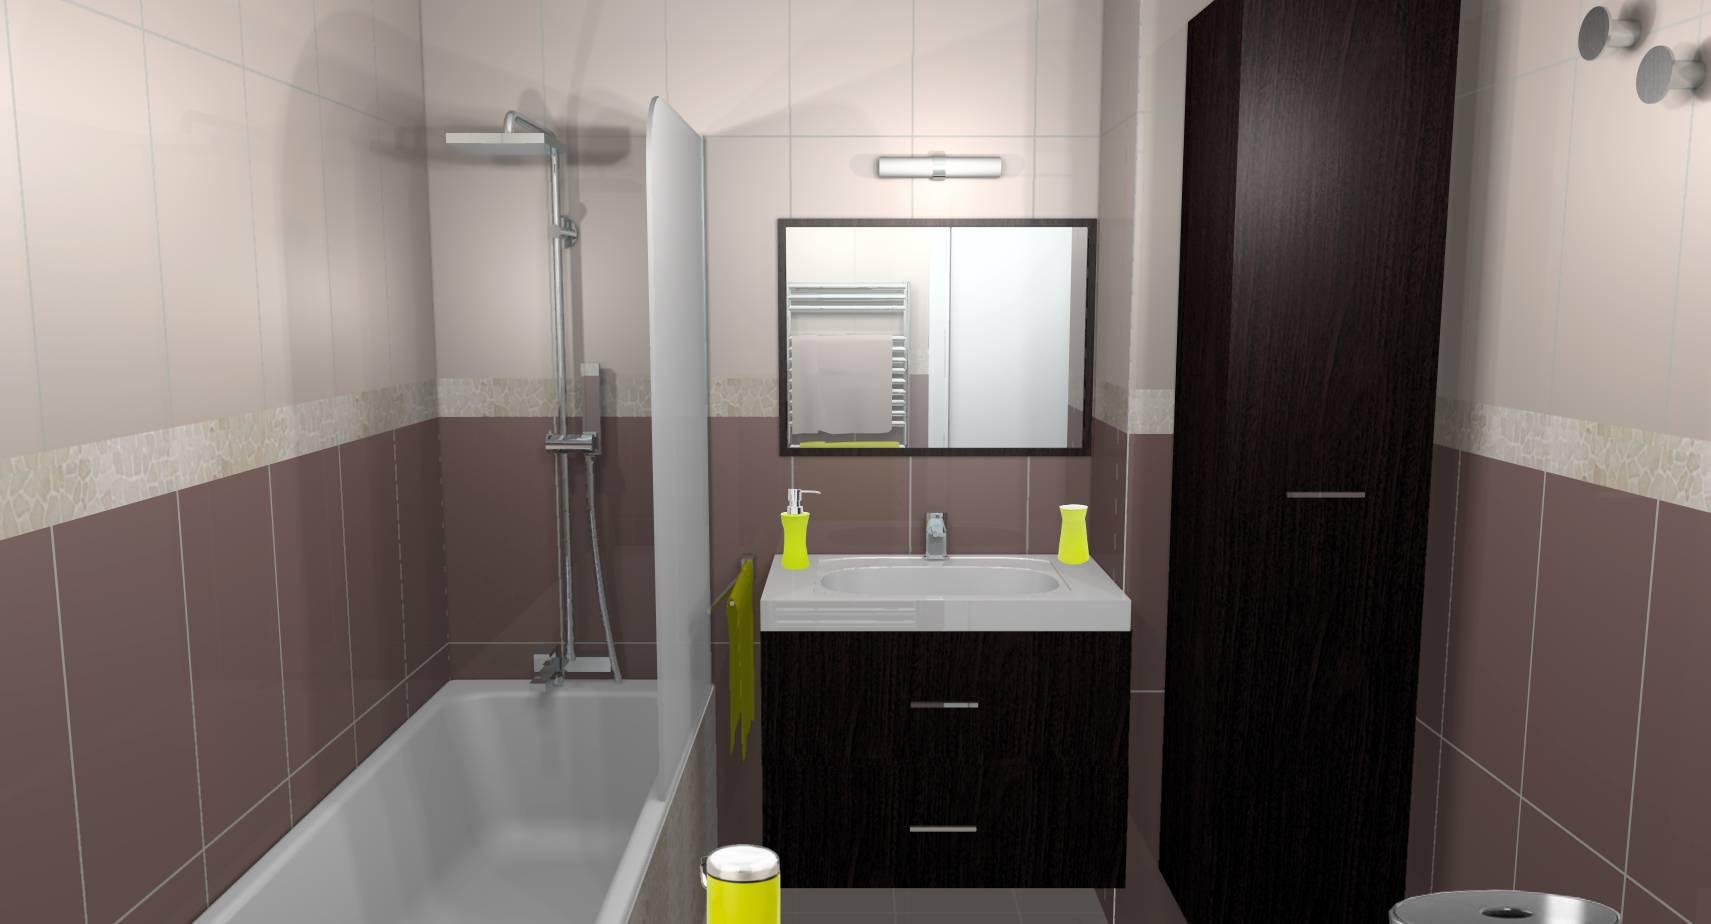 Salle De Bain Chocolat Turquoise salles de bain archives - designement vôtre